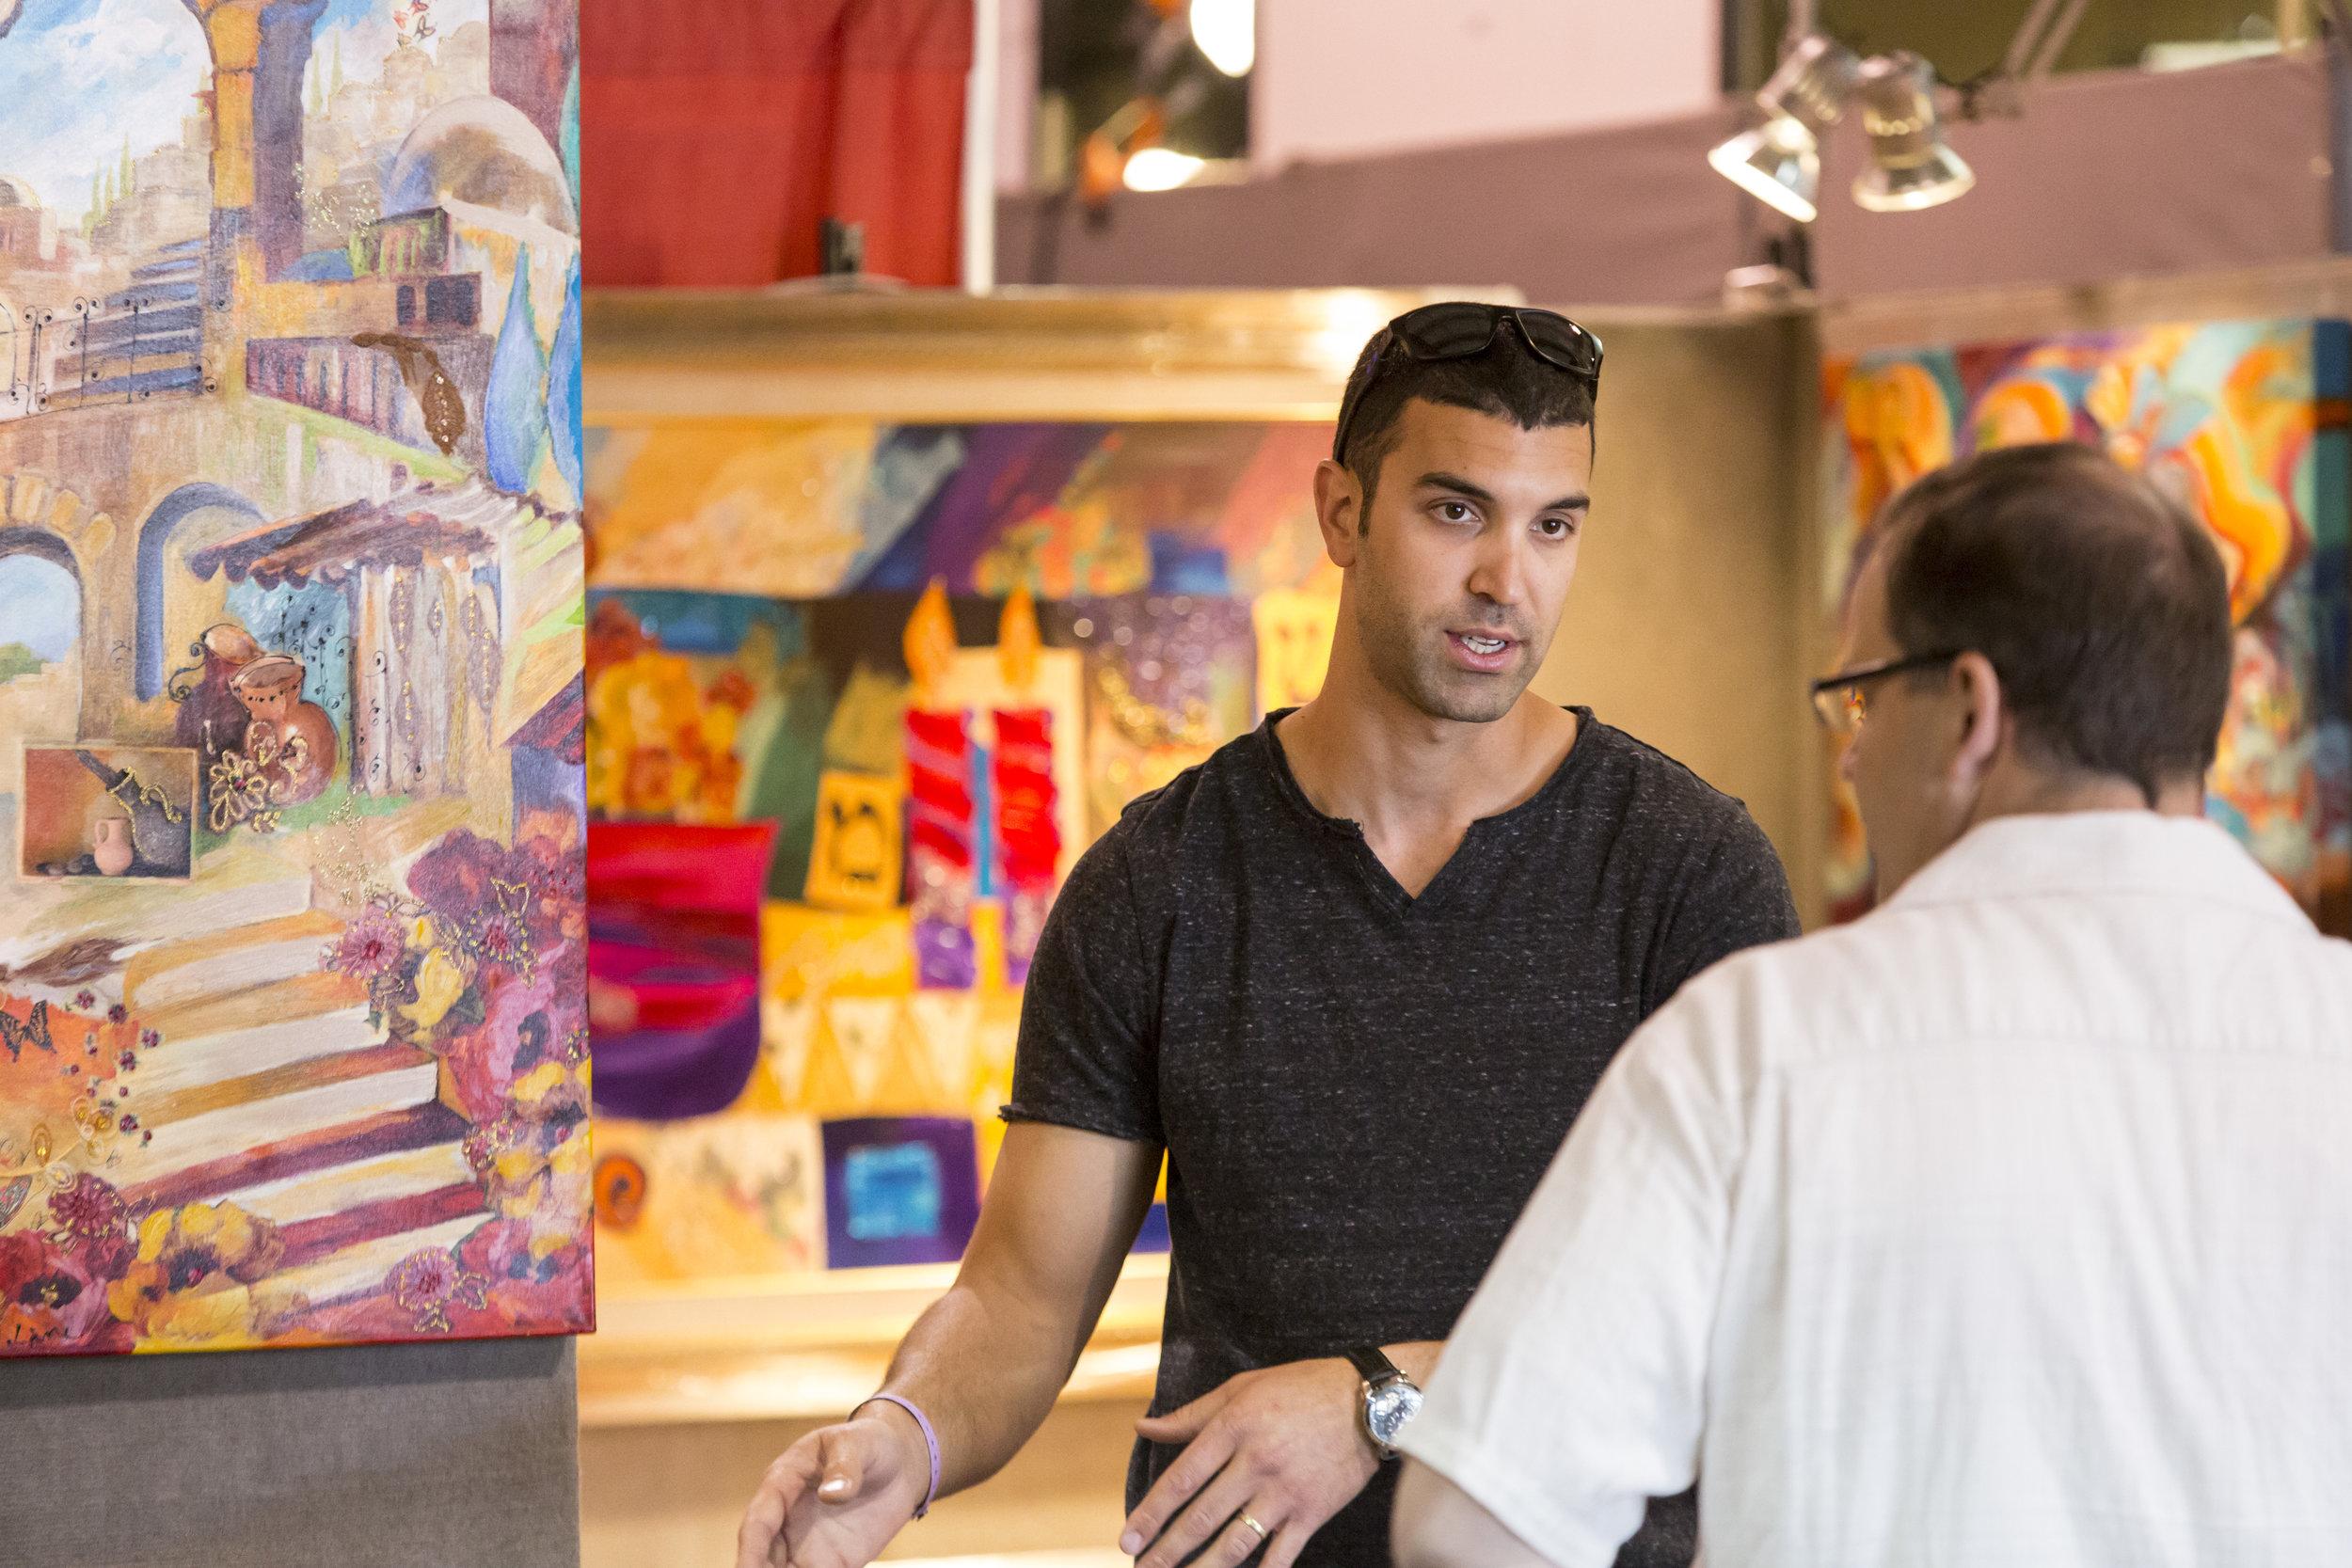 Fine artist Smadar Livne sells colorful fine art at Sugarloaf Crafts Festival